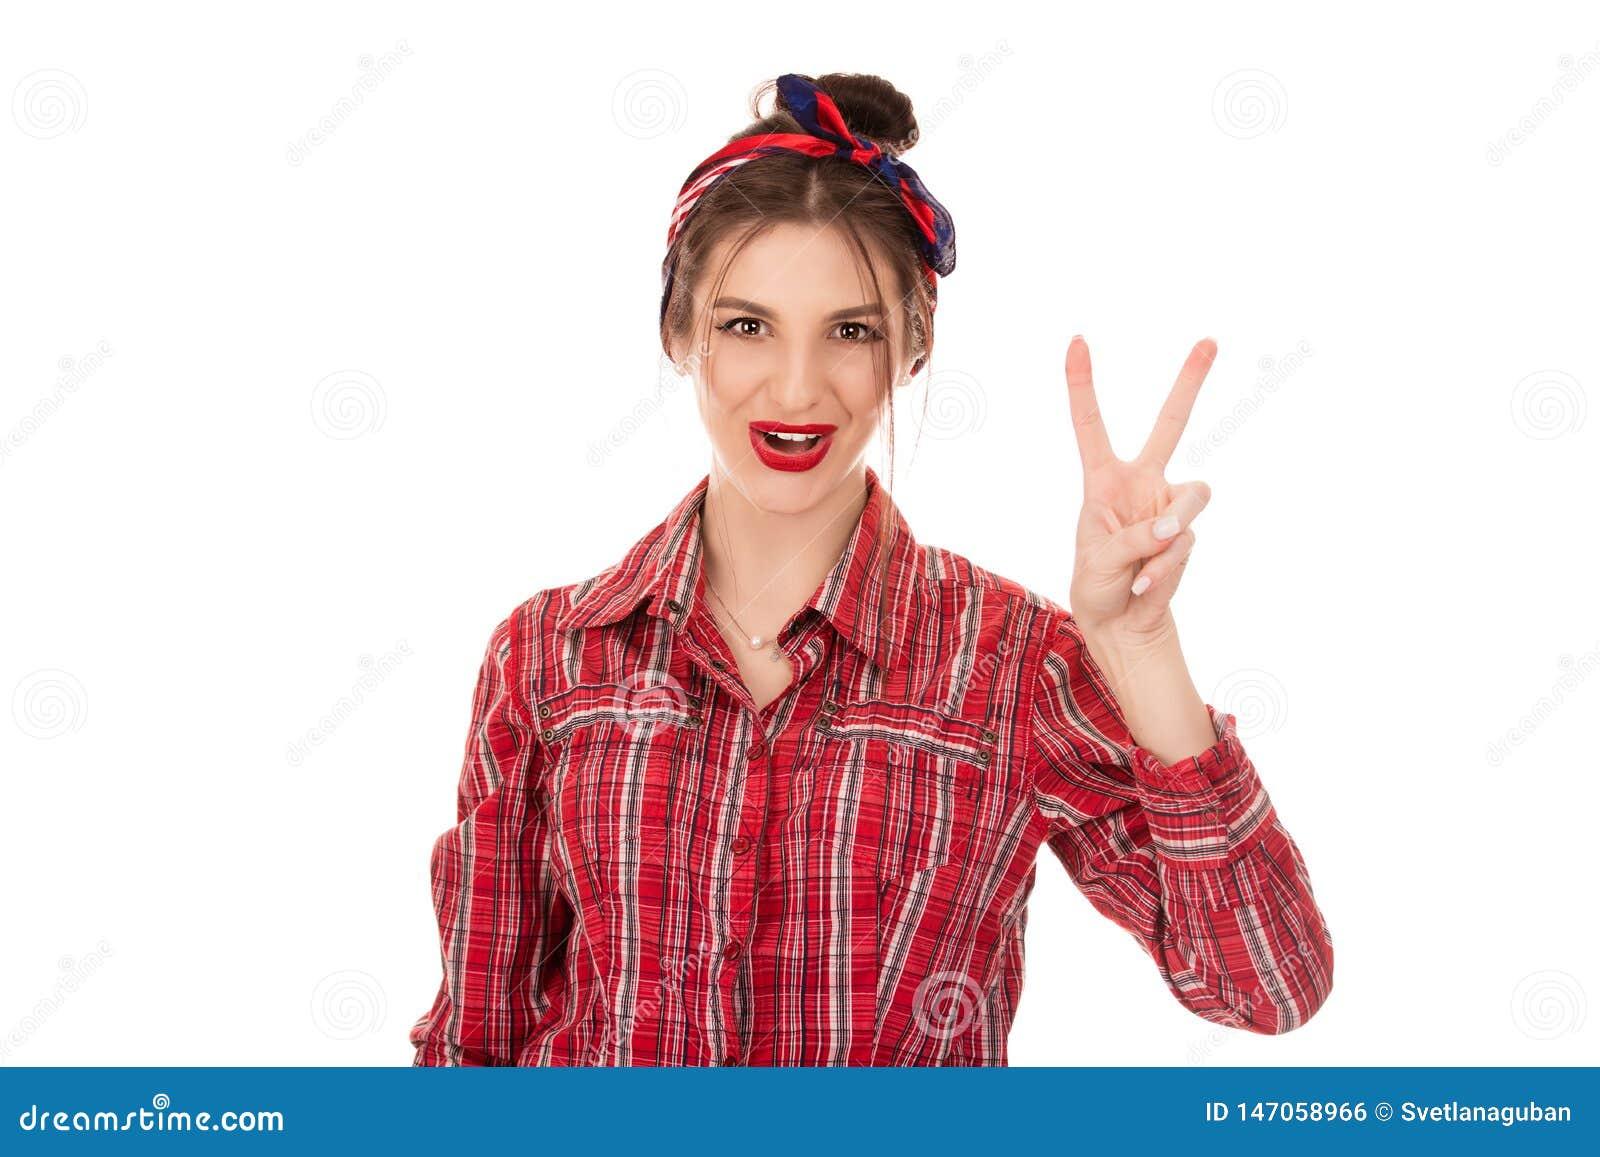 Kobieta pokazuje i wskazuje w górę palców numer dwa z